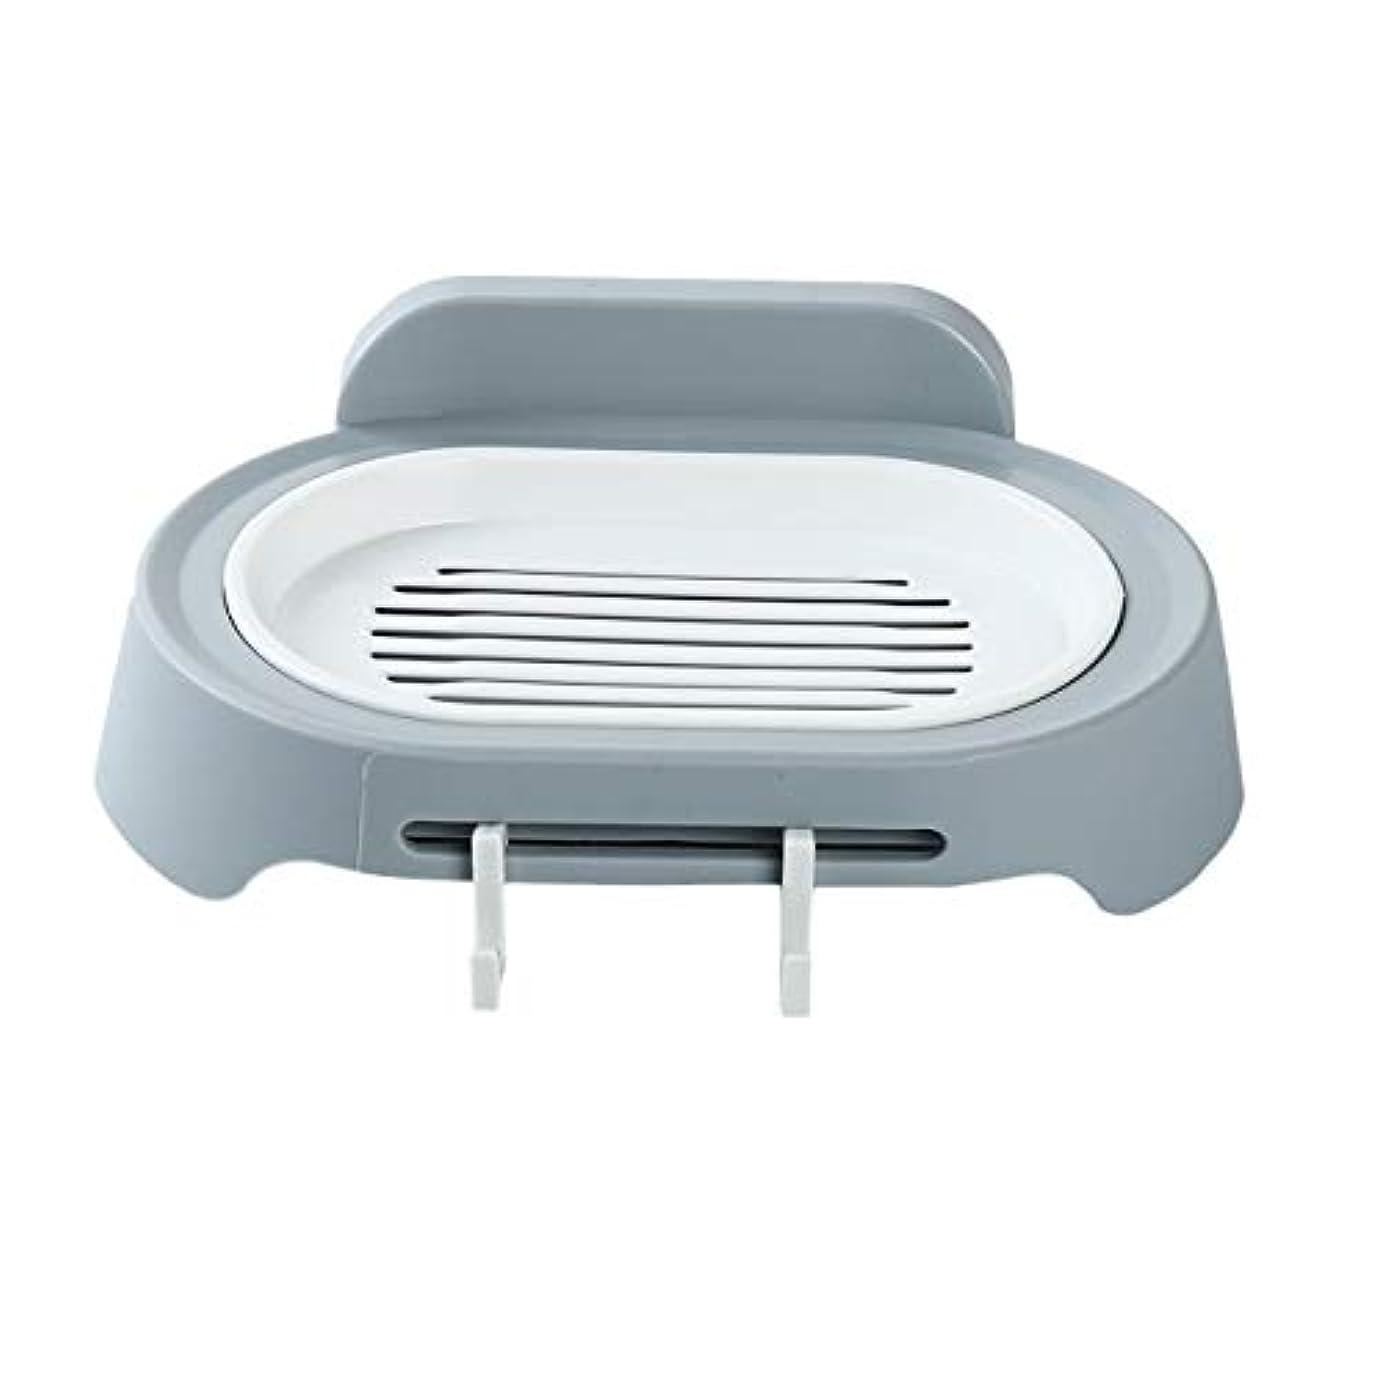 エスカレーター疑い者補うZALING 灰色のホックが付いているの浴室の石鹸の貯蔵の吸引の壁に取り付けられた石鹸のオルガナイザー